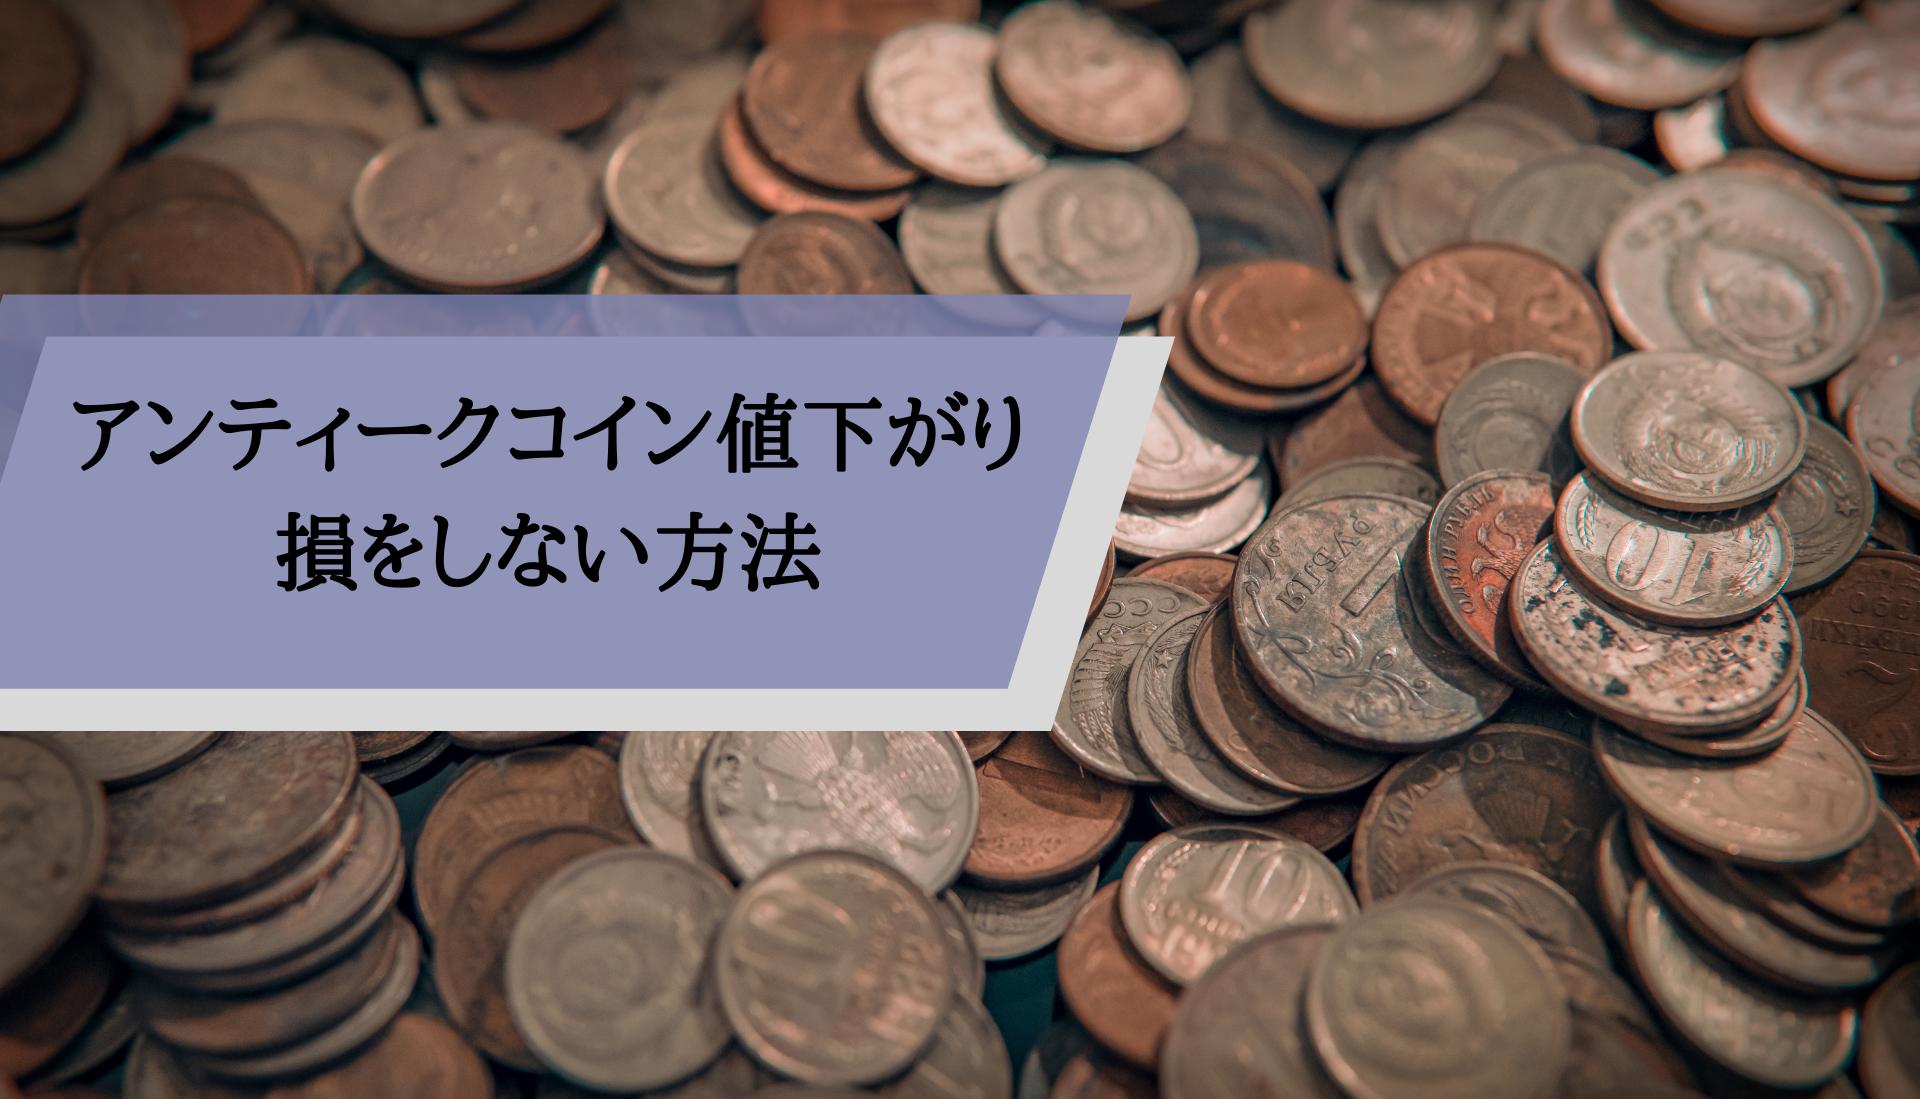 アンティークコイン値下がり_損しない